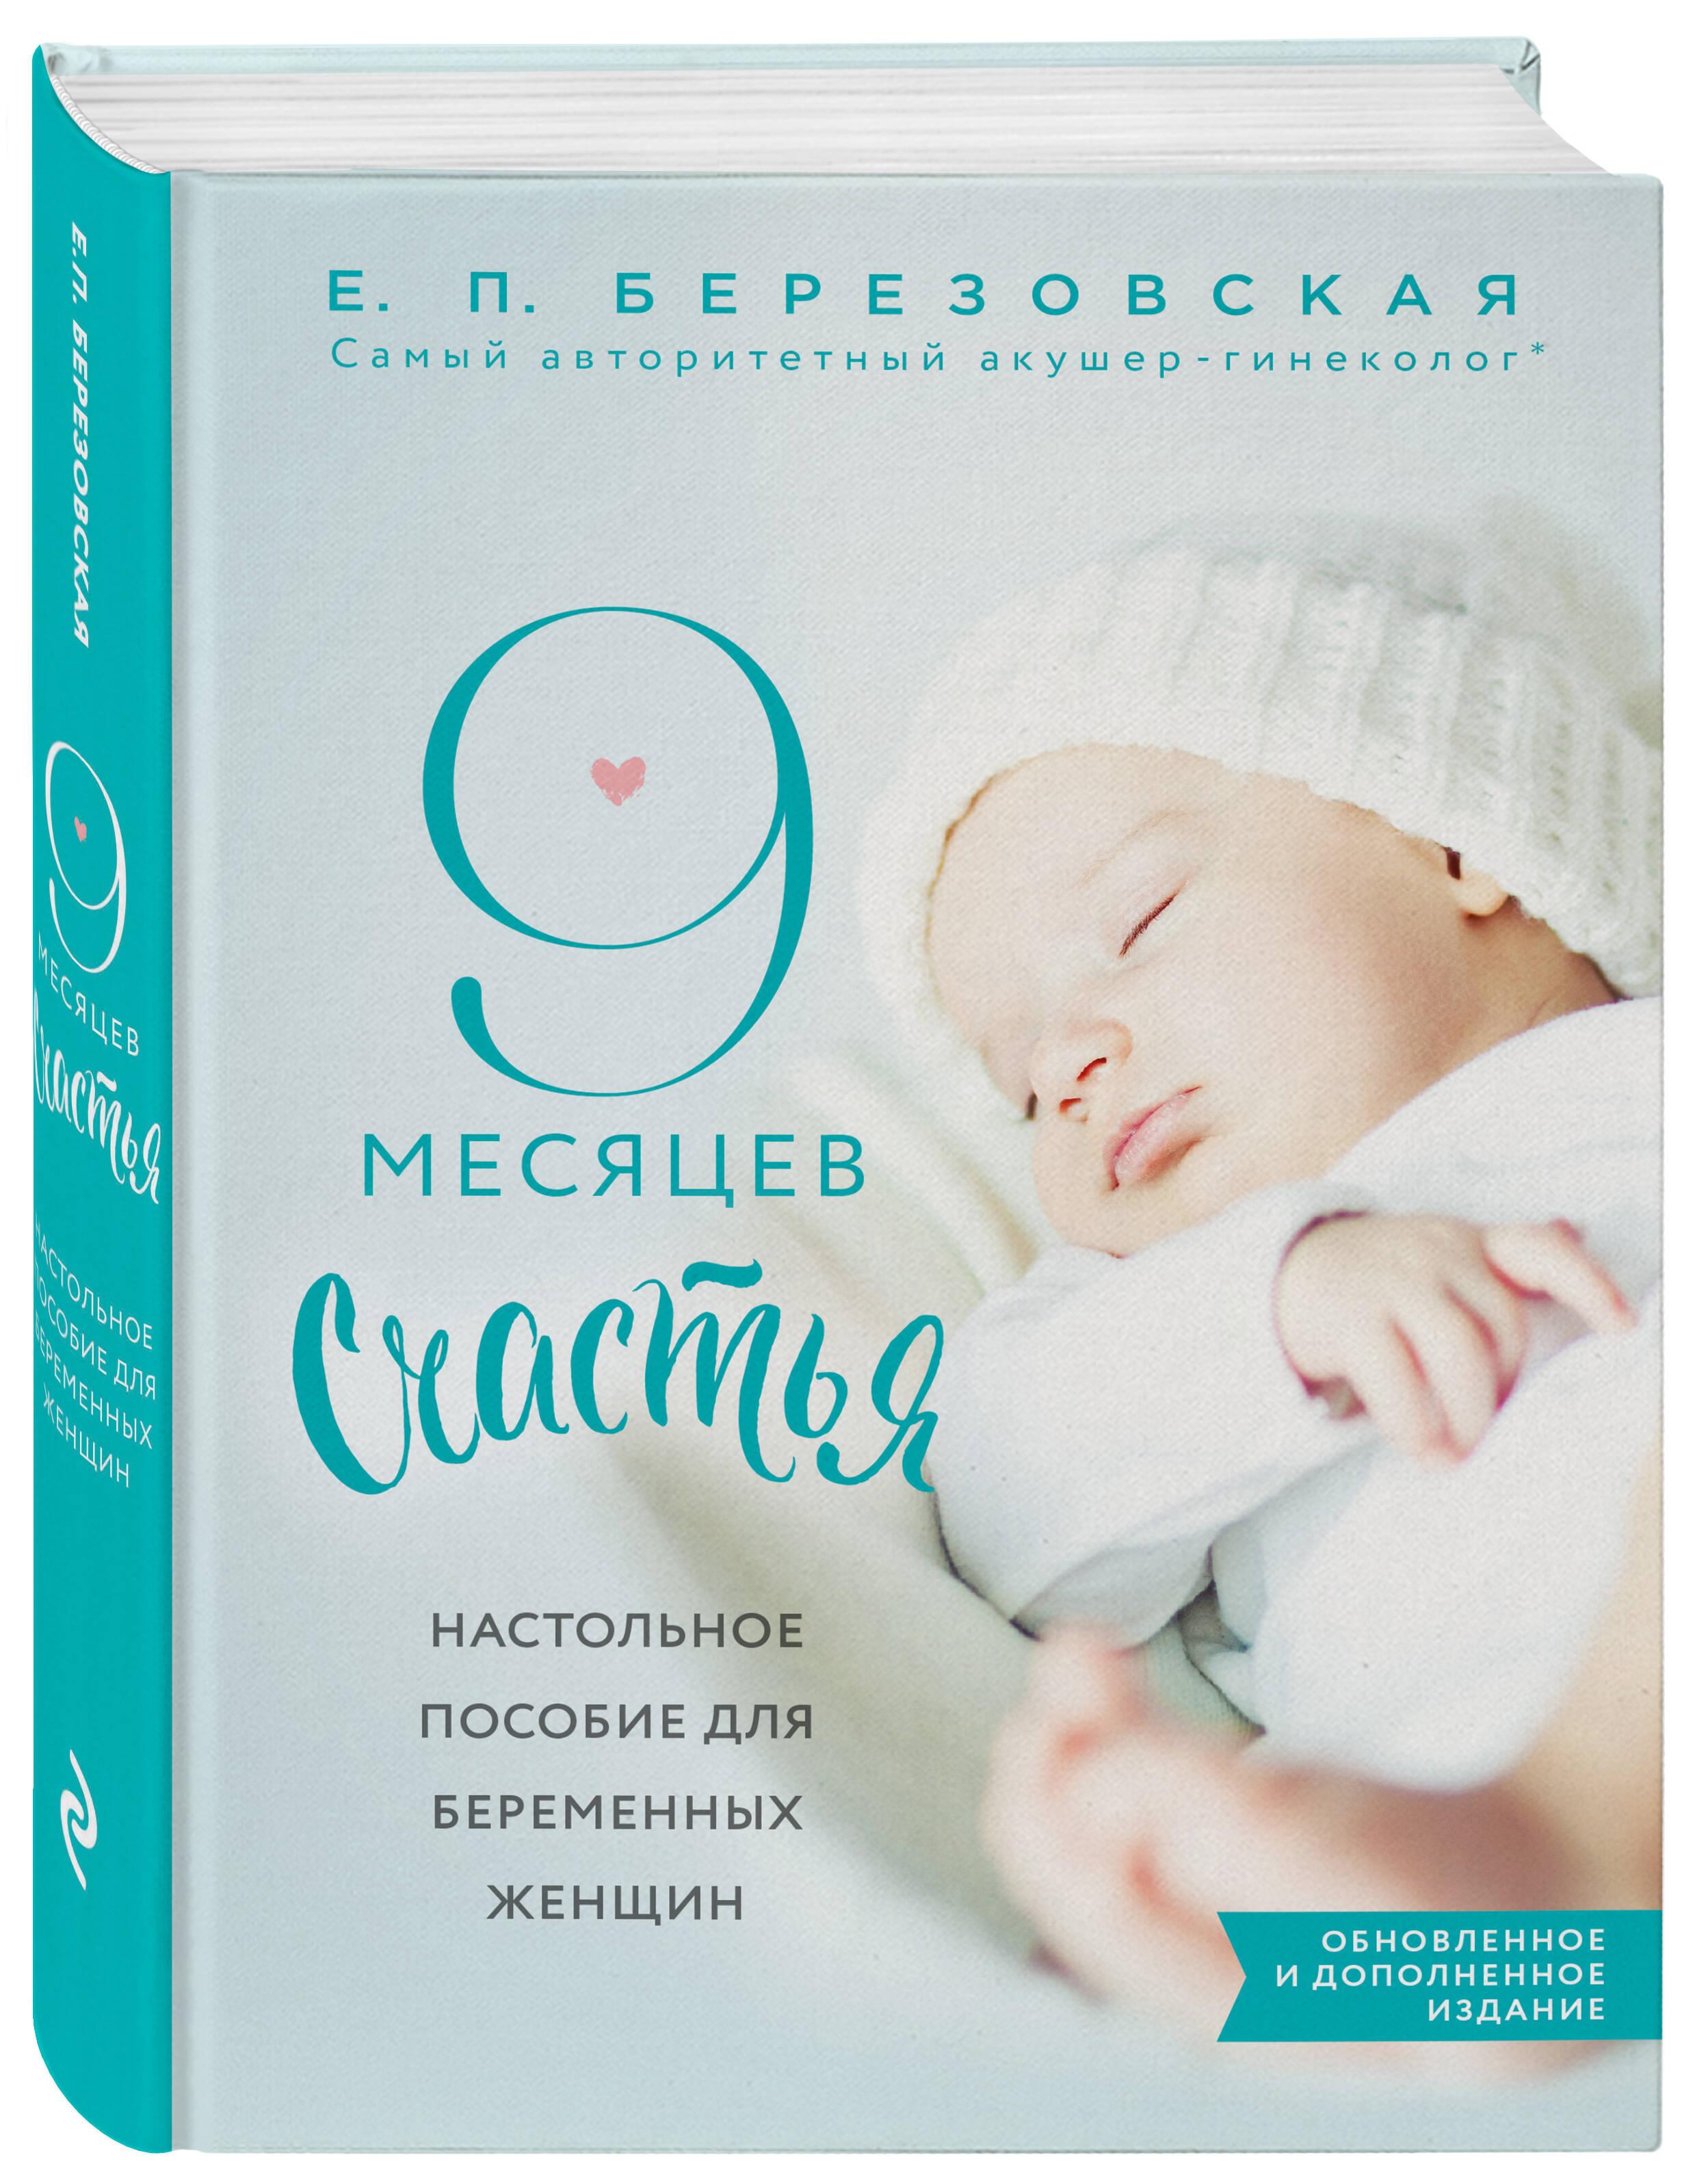 Березовская Е.П. 9 месяцев счастья. Настольное пособие для беременных женщин (обновленное и дополненное издание) эксмо 9 месяцев счастья настольное пособие для беременных женщин